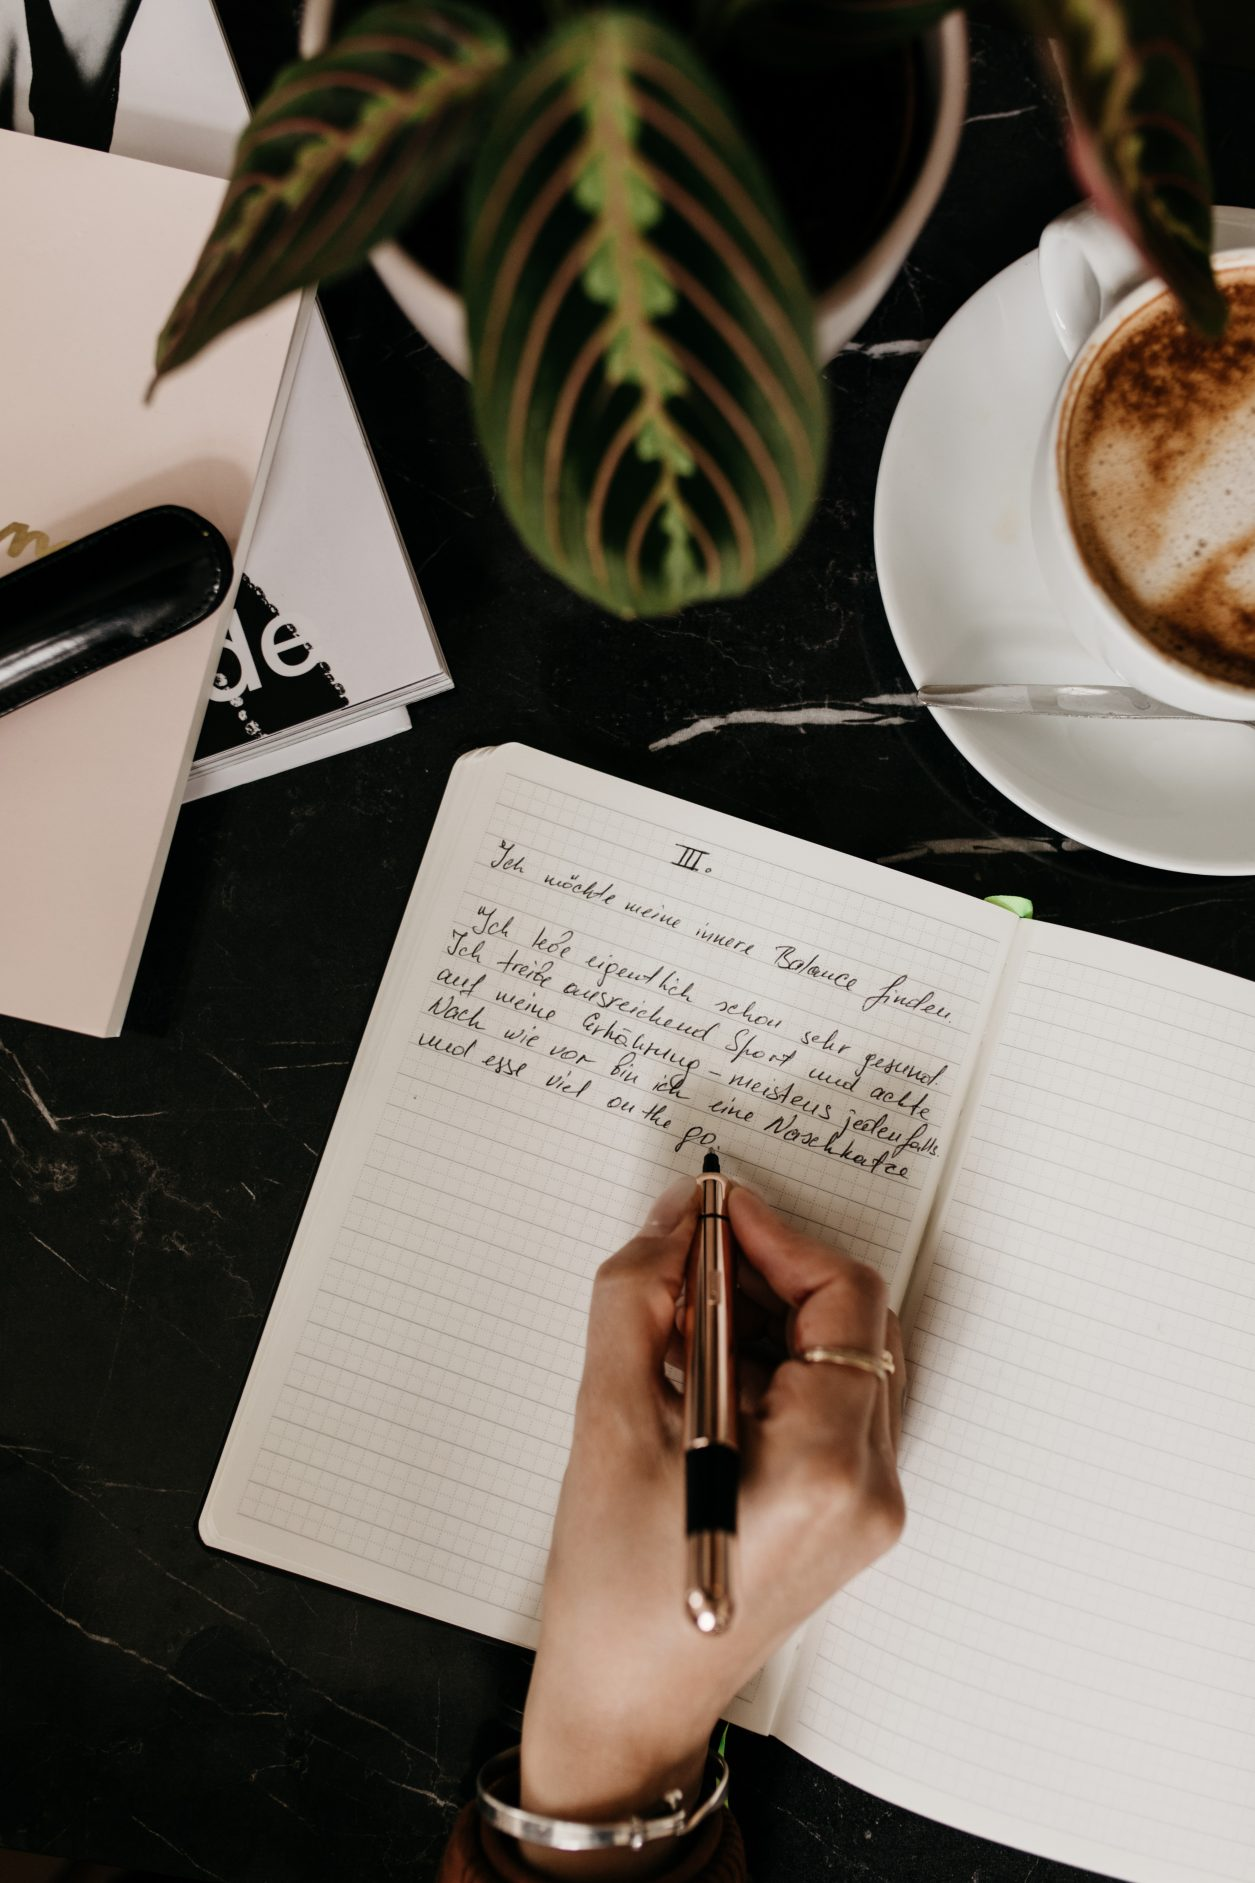 Meine Vorsätze fürs neue Jahr | Bullet Journal | Lamy Füller | Tinte | Handschrift | Editorial | Notizbuch | Kugelschreiber